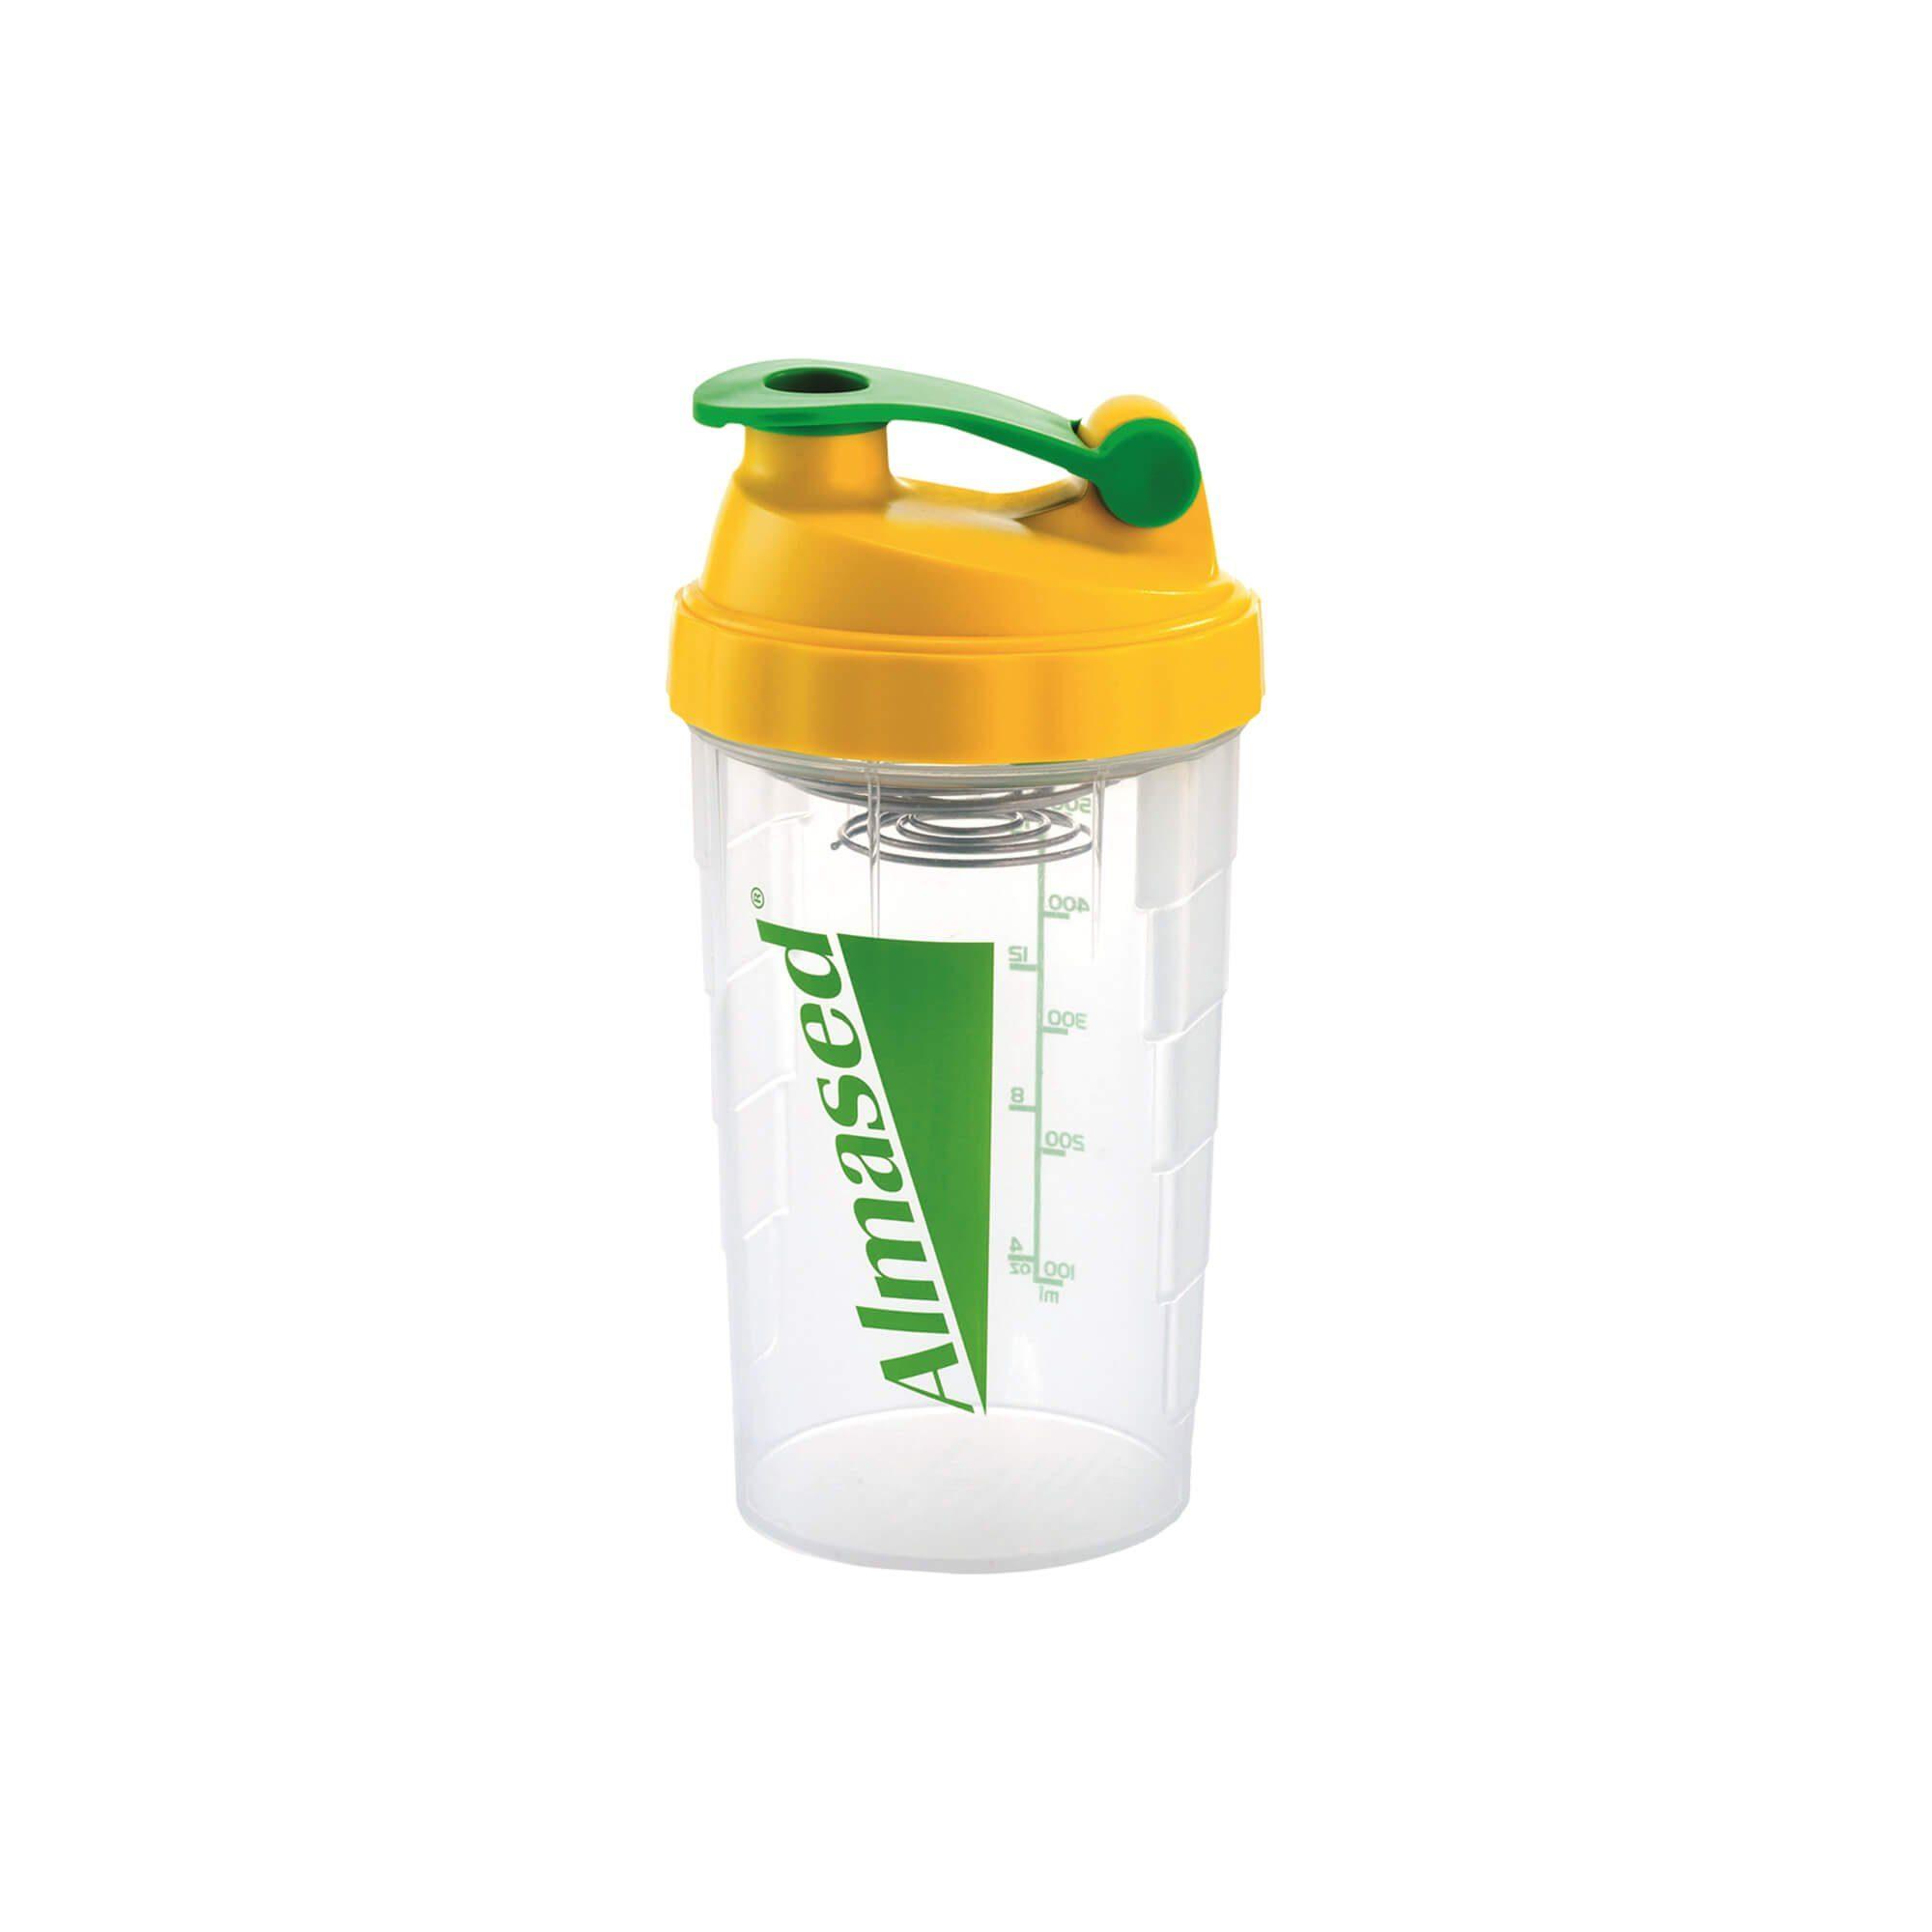 Almased Shaker, 1 St